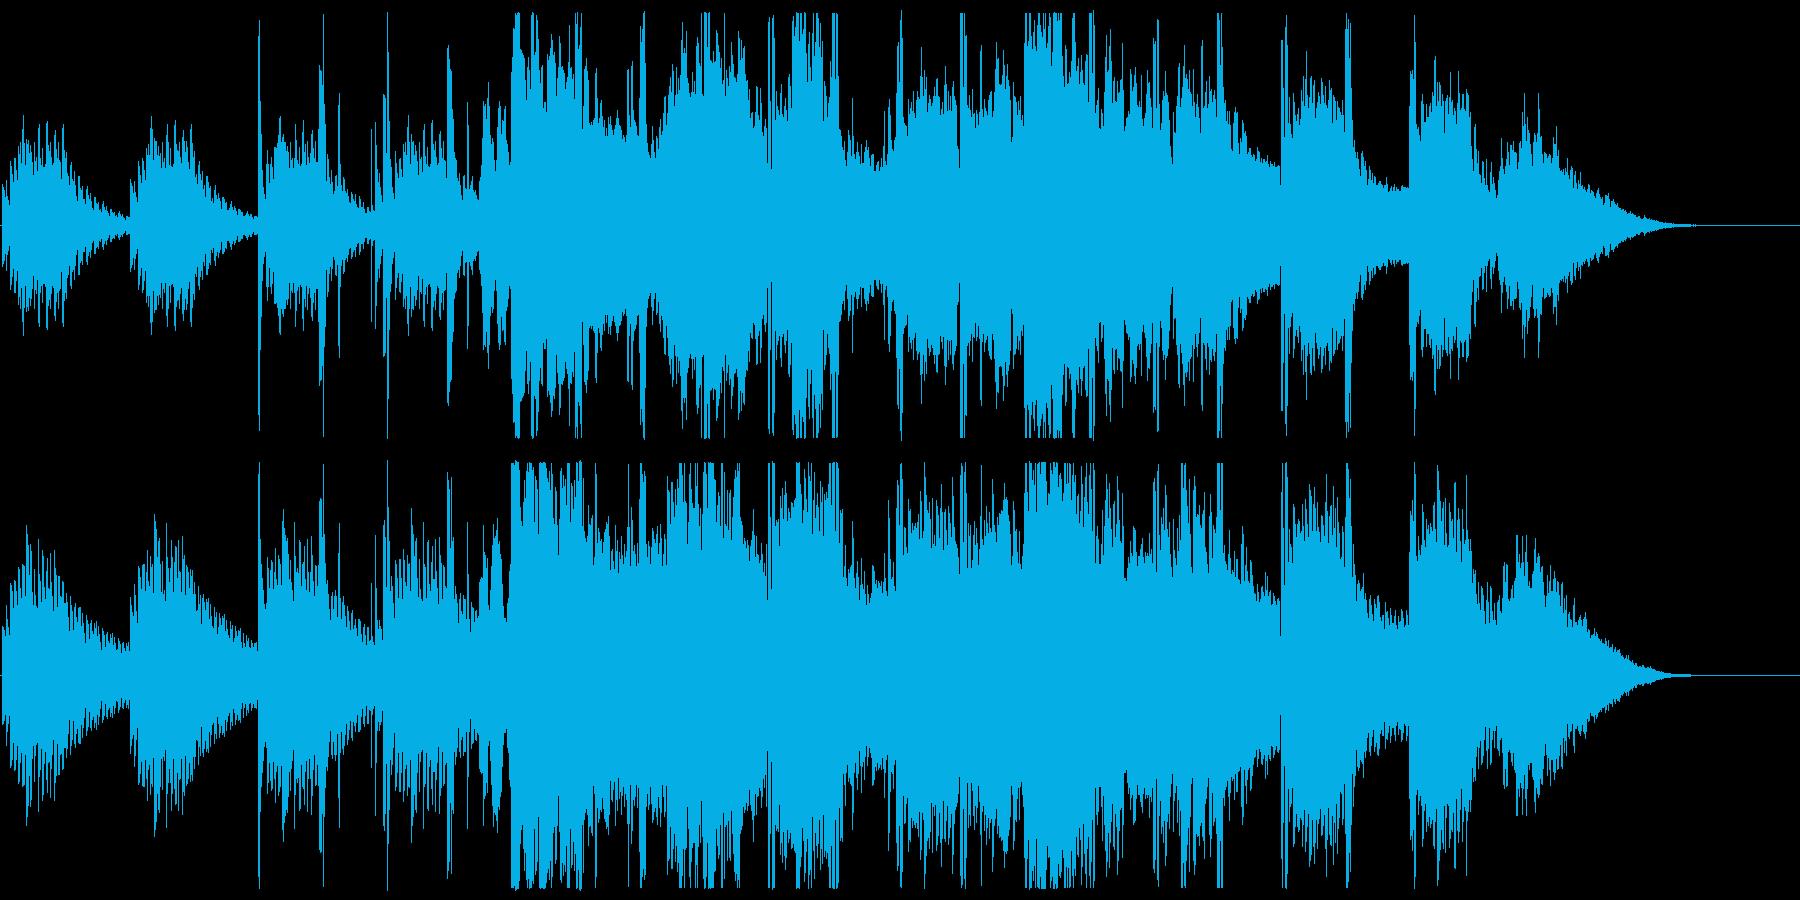 リラックスできるスローで優しいチルアウトの再生済みの波形